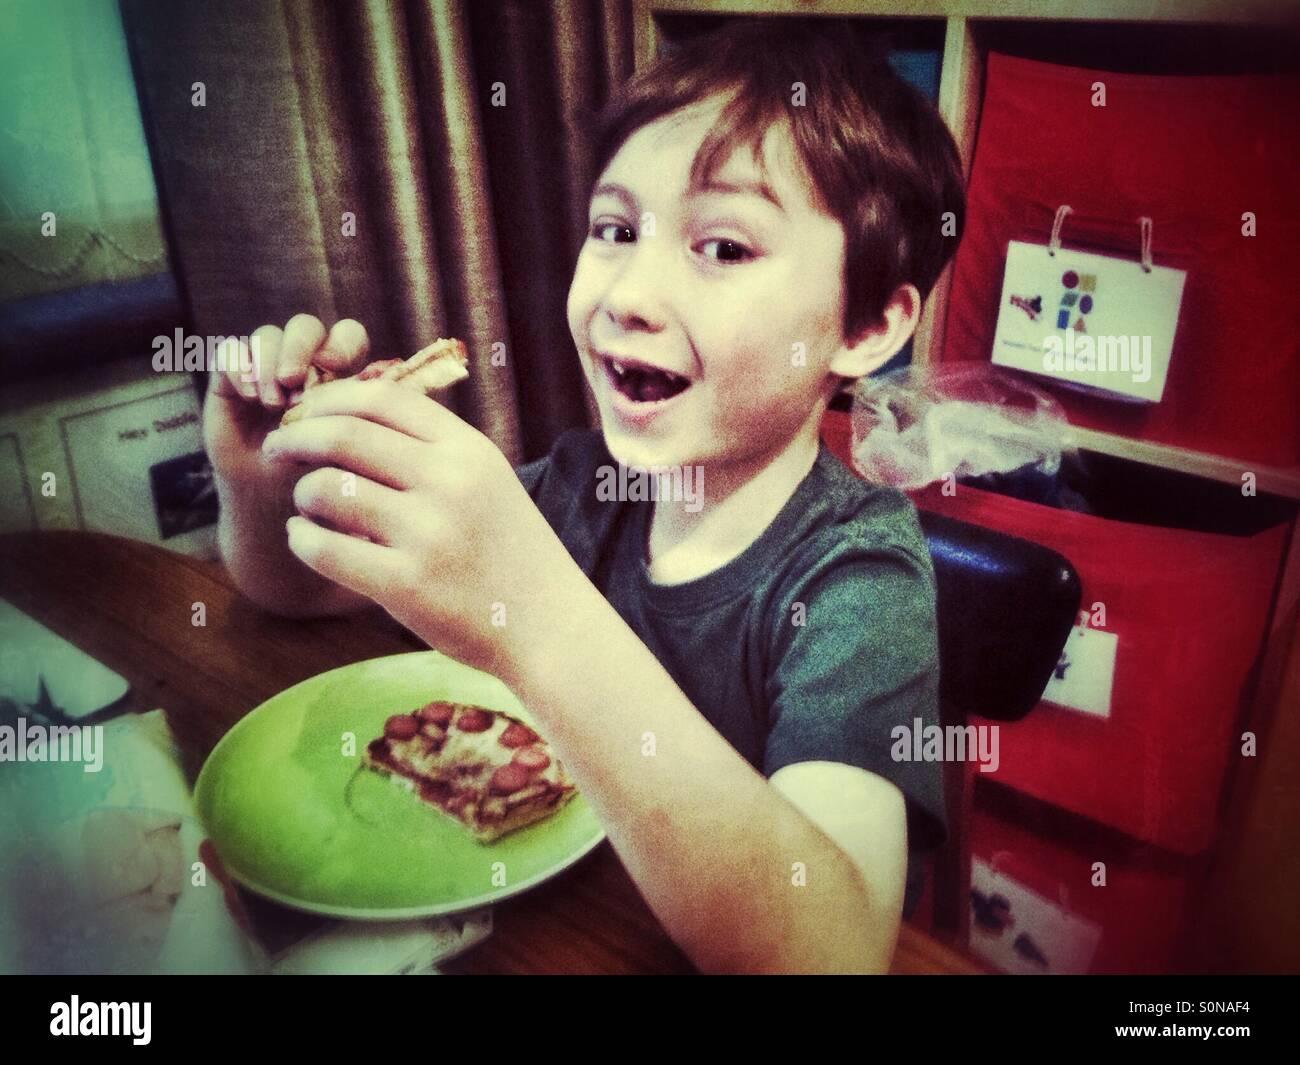 Joven comiendo tostadas. Imagen De Stock